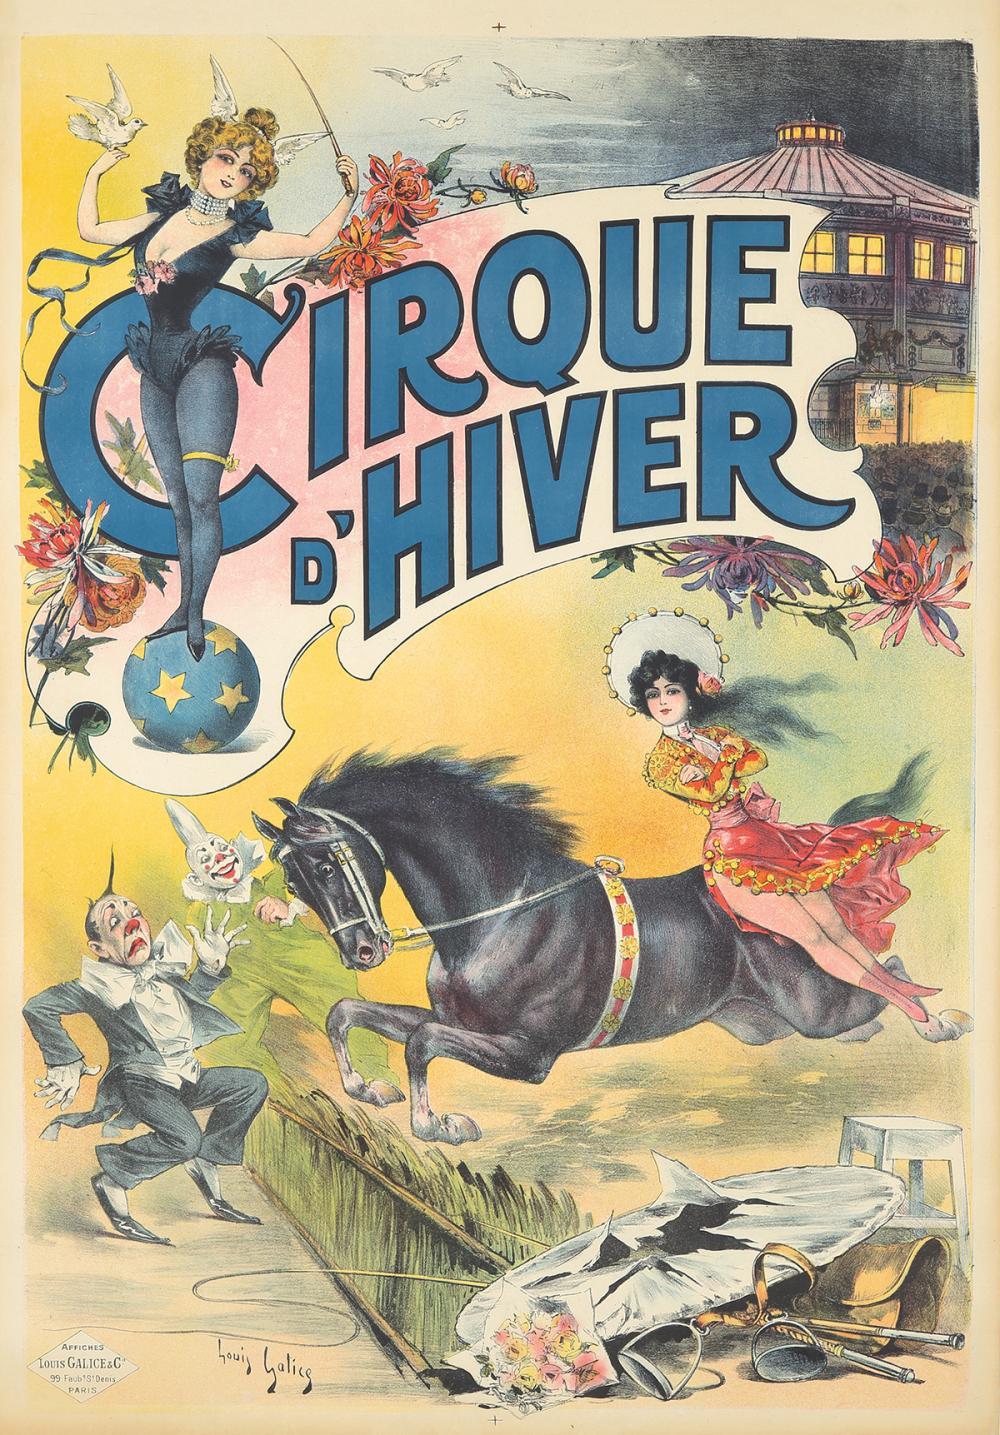 Cirque d'Hiver. ca. 1890.